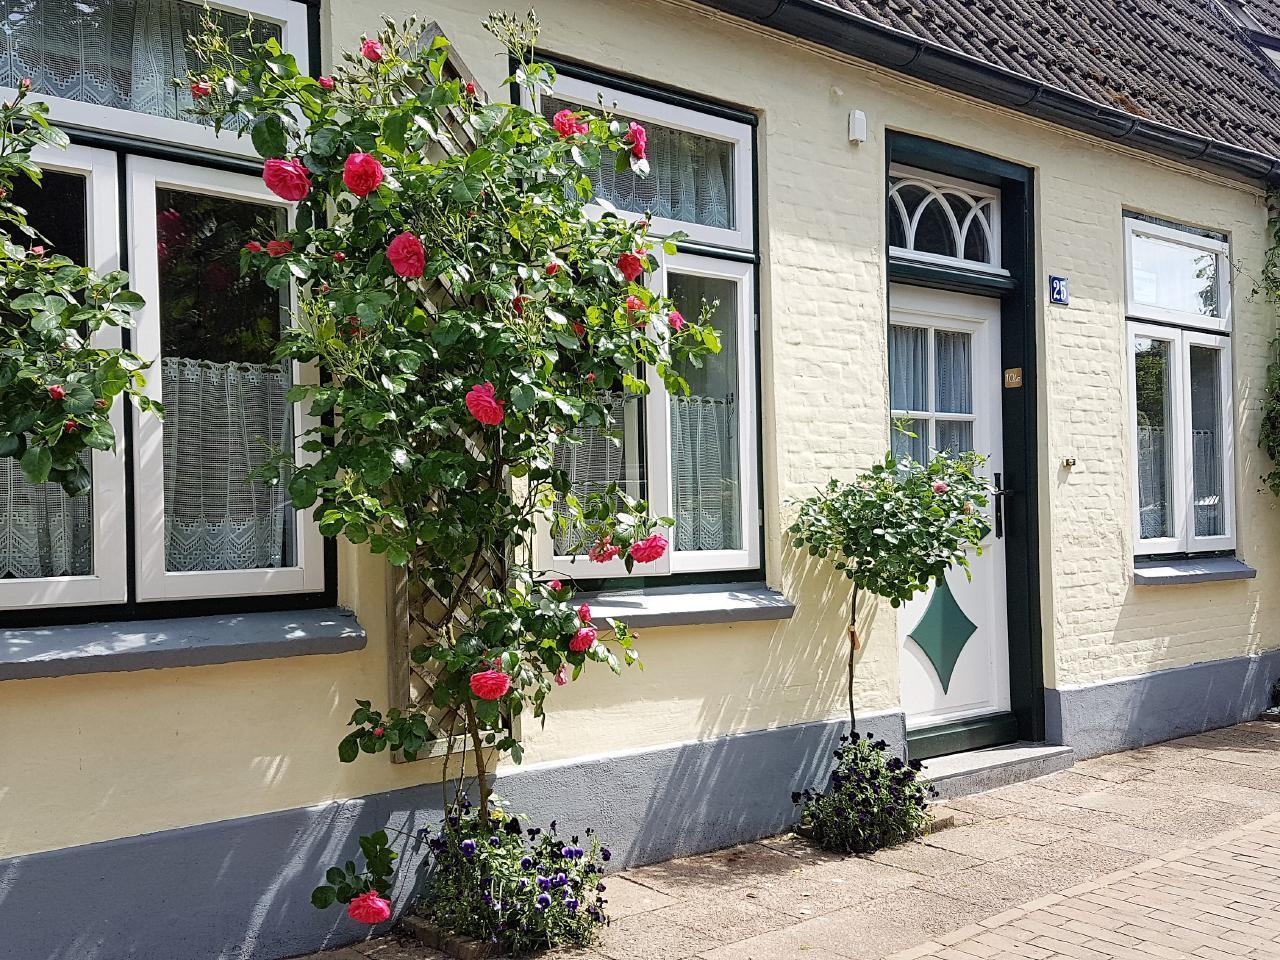 Ferienhaus 1. Quartier (129998), Friedrichstadt, Nordfriesland, Schleswig-Holstein, Deutschland, Bild 1